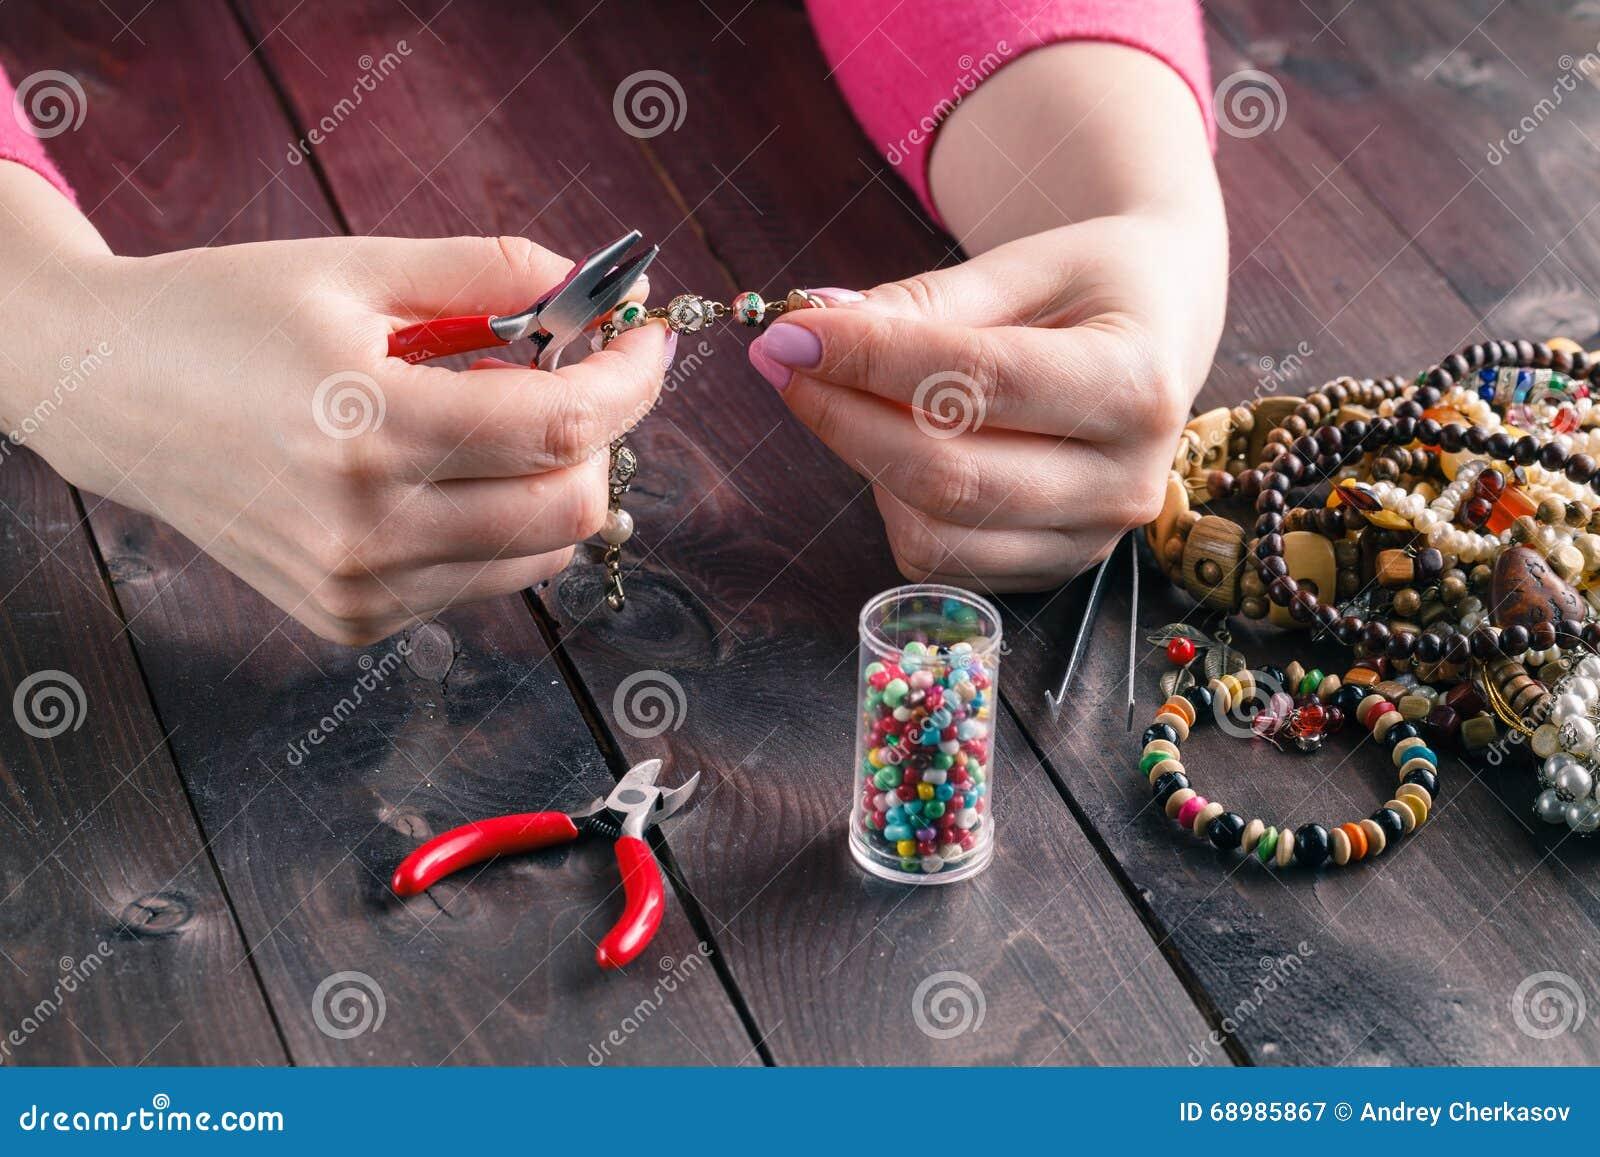 Bobina, gotas y herramientas para la costura